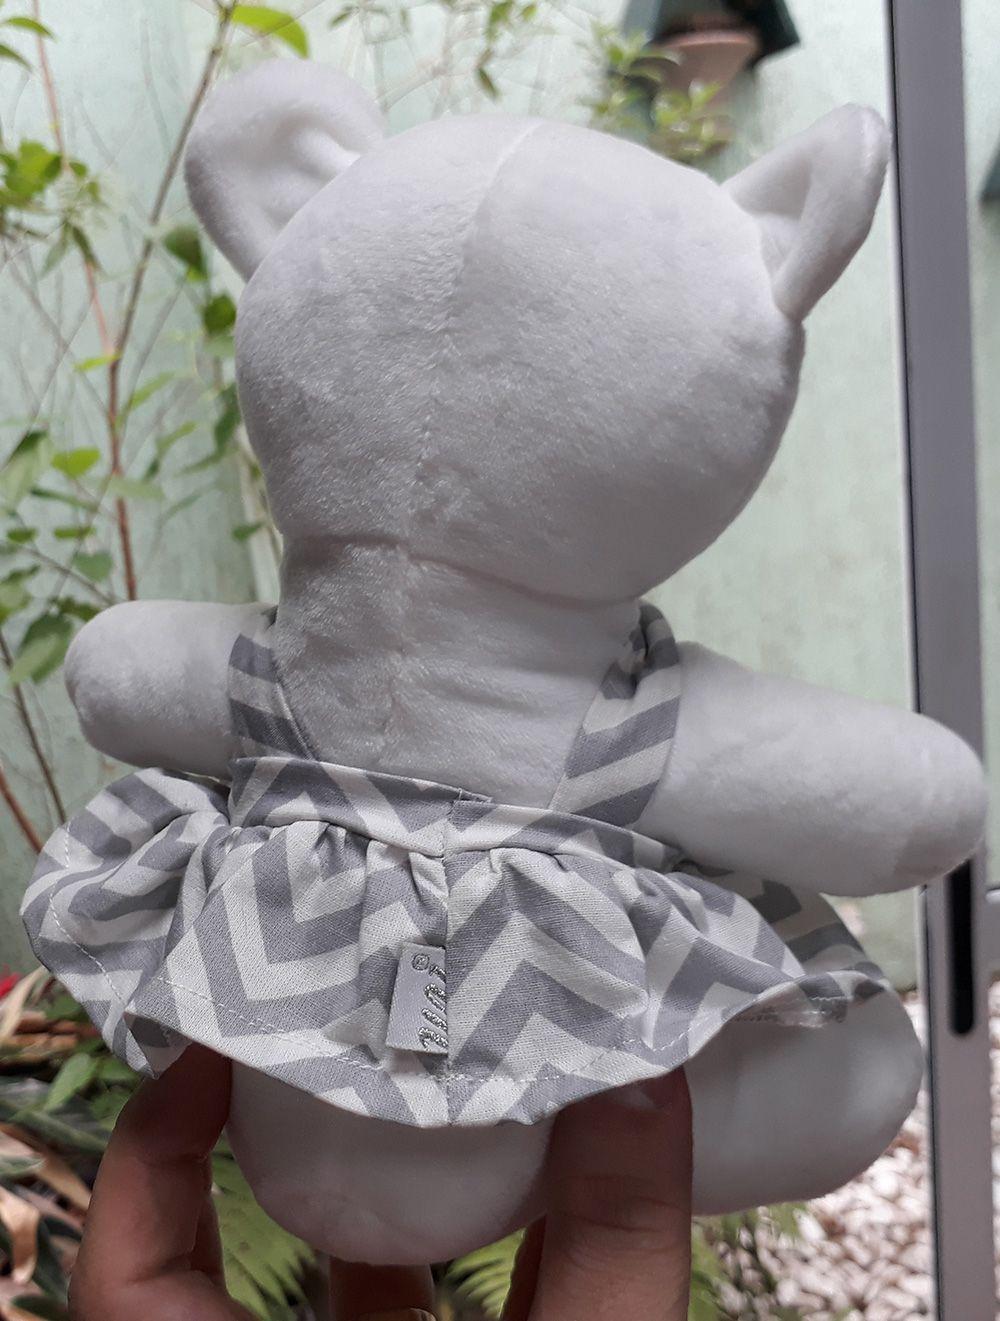 Mini Urso de Pelúcia 20cm com Vestido Listrado Cinza e Branco Ursinho Pequeno para decoração presente aniversário namorada artesanato enfeite quarto nicho decorações festas intantil bebê neném criança